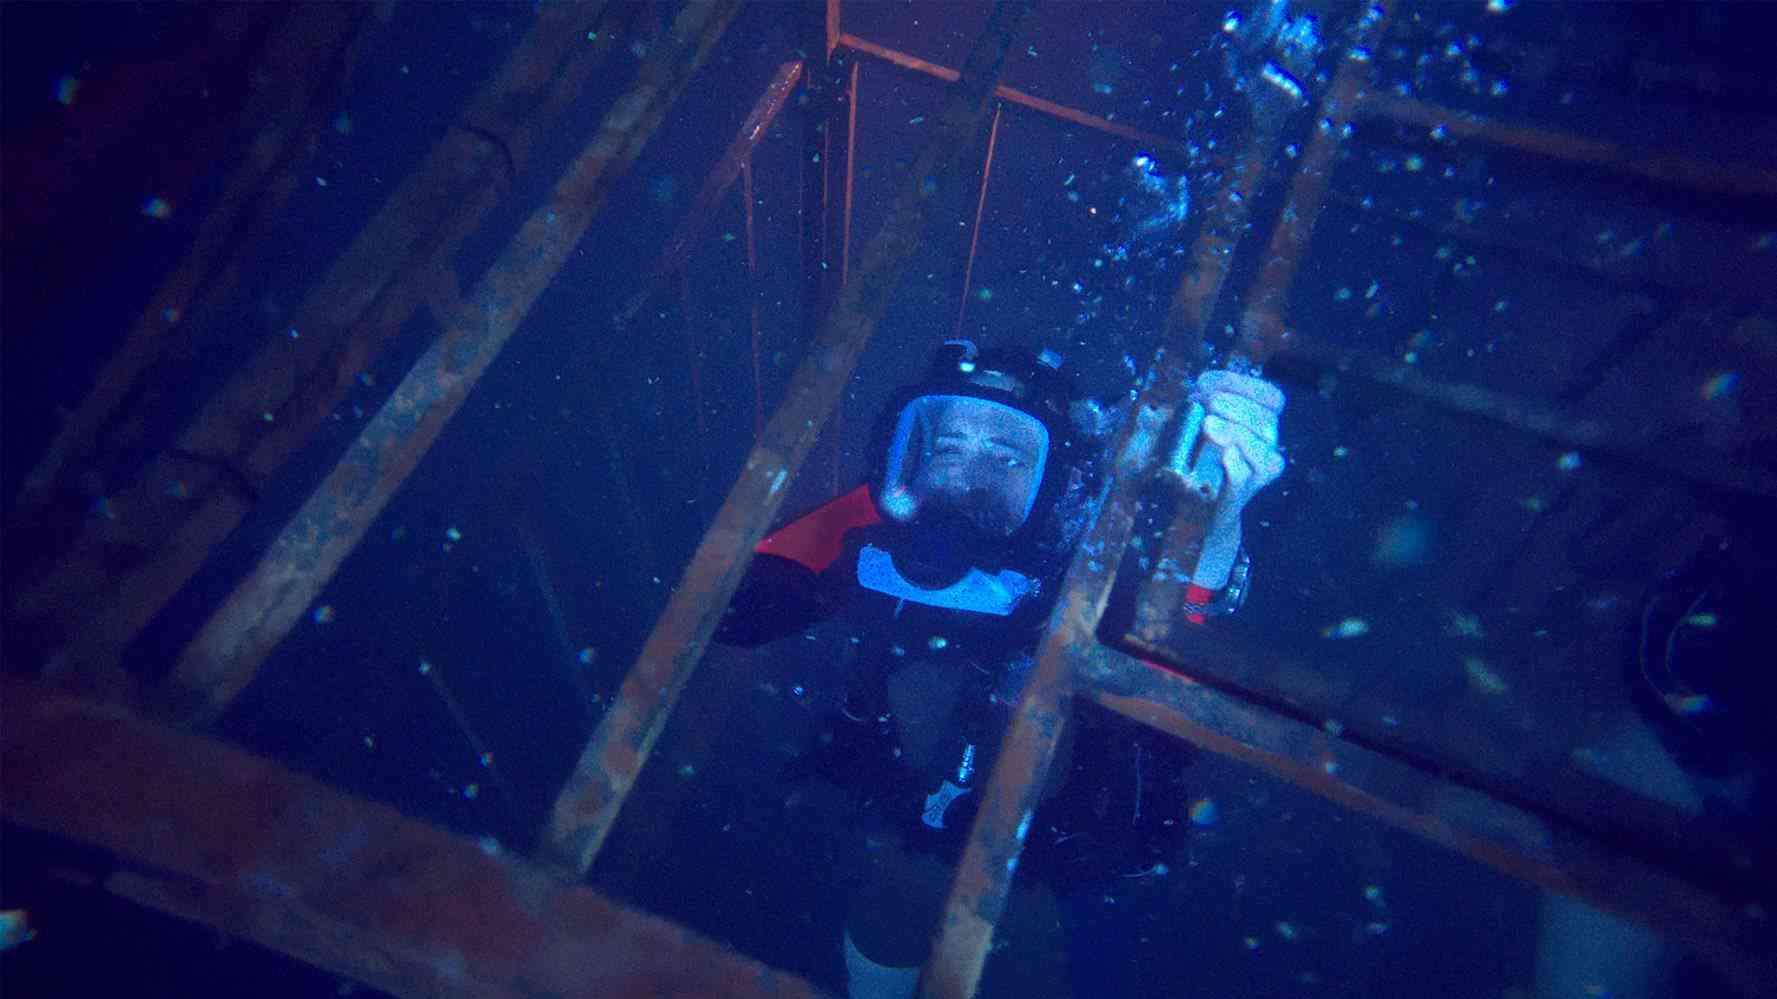 Shark movie '47 Meters Down' takes underwater terror to new depths